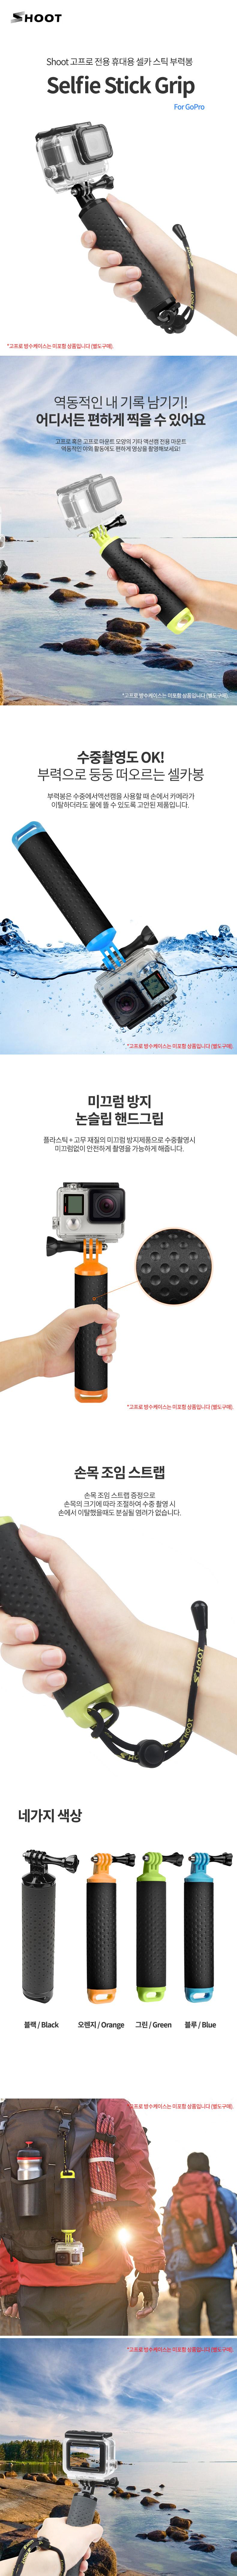 SHOOT 액션캠 전용 부력봉 핸드그립 GoPro Hero 8 7 6 5 고프로 수중촬영 침수 분실방지 - 비오비, 6,900원, 셀피렌즈/봉/셀피ACC, 셀카악세서리